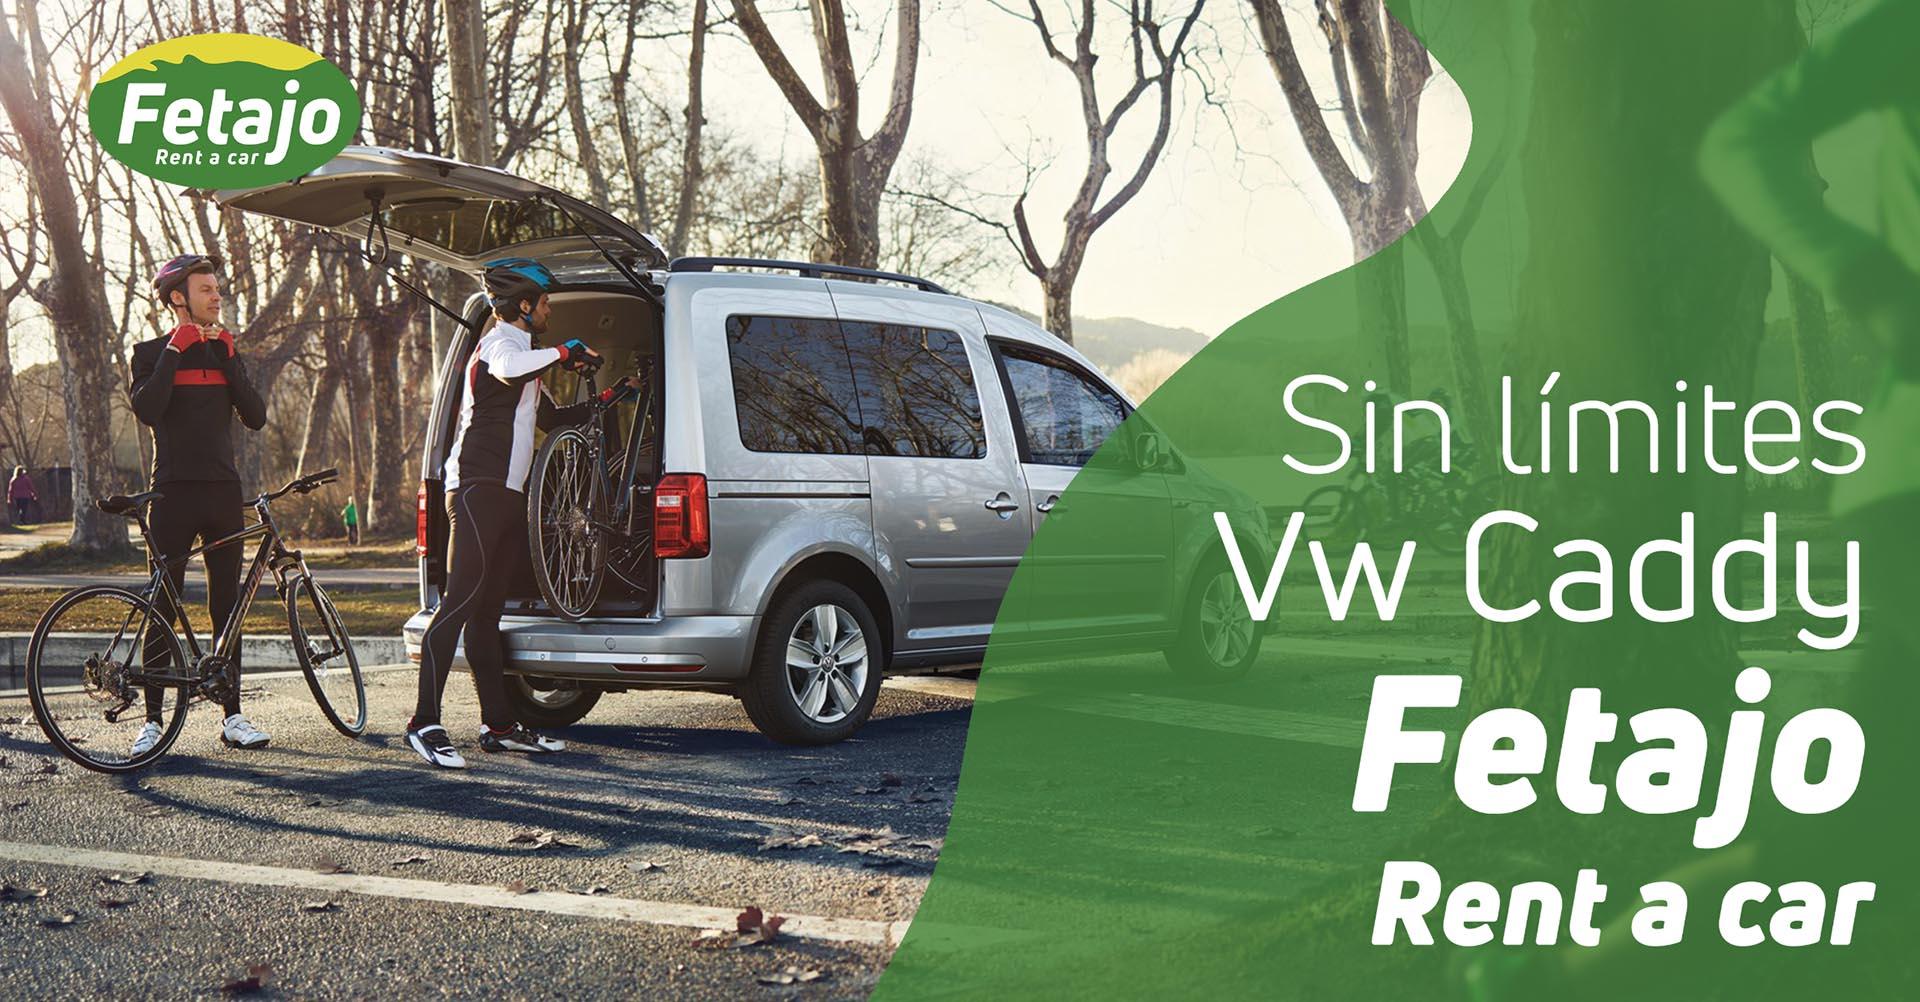 Poster Fetajo Rent a Car